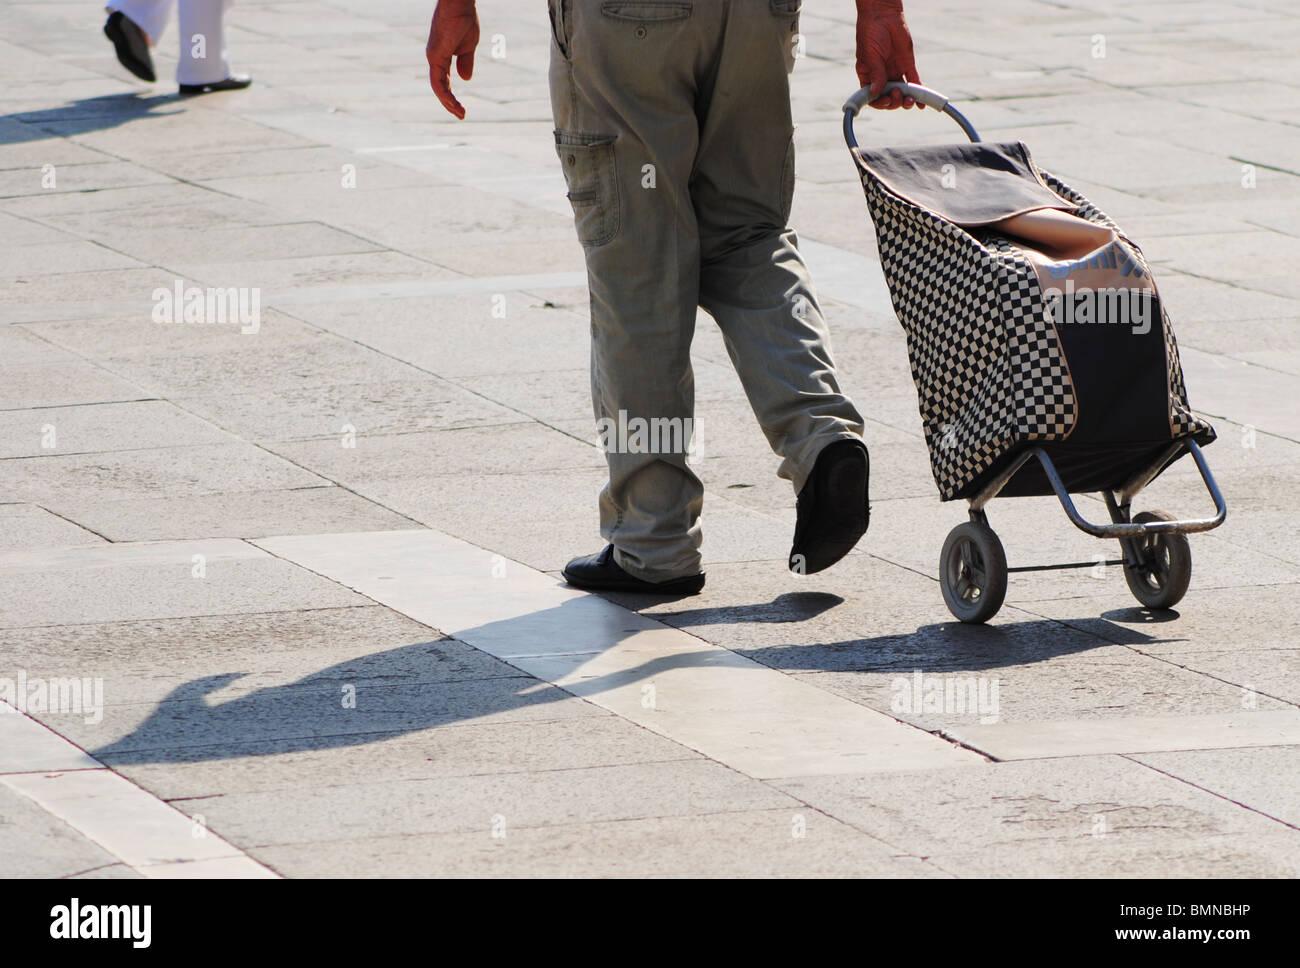 L'uomo tirando una shopping bag su ruote, Venezia, Italia Immagini Stock